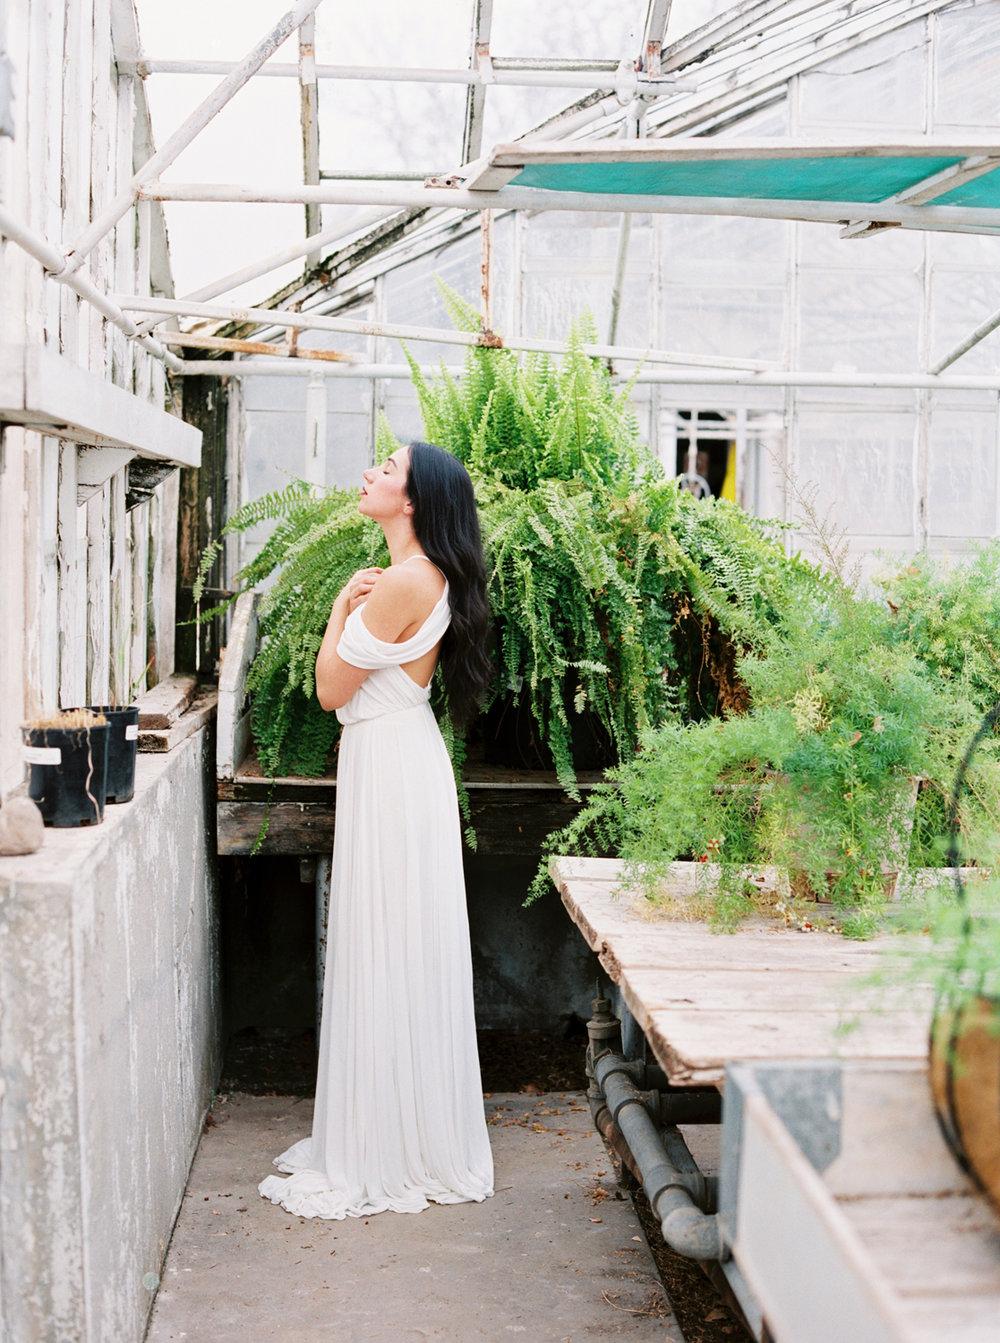 greenhouse-editiorial_0066.jpg